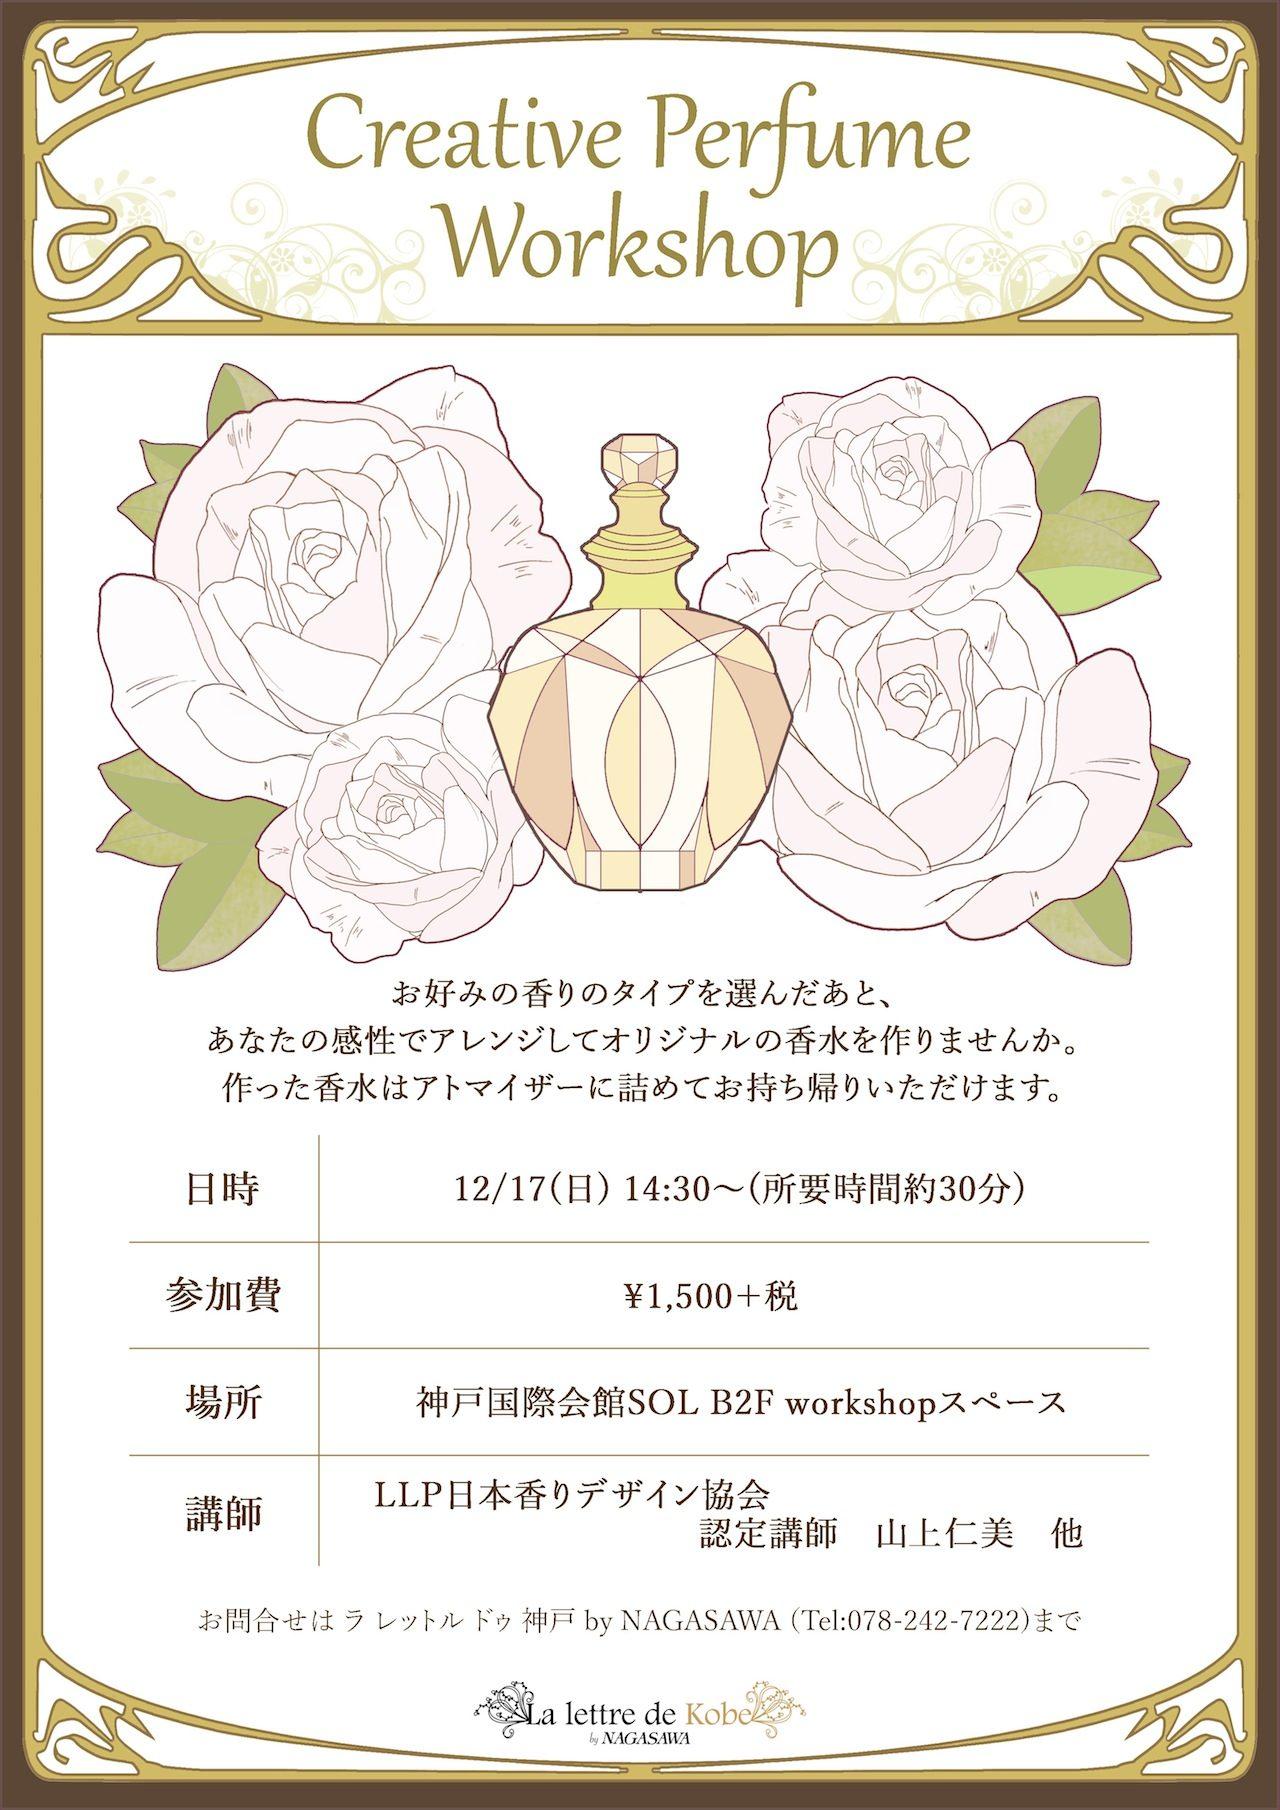 神戸国際会館SOL B2F 365Workshopスペースで香水をつくるイベントを開催します。